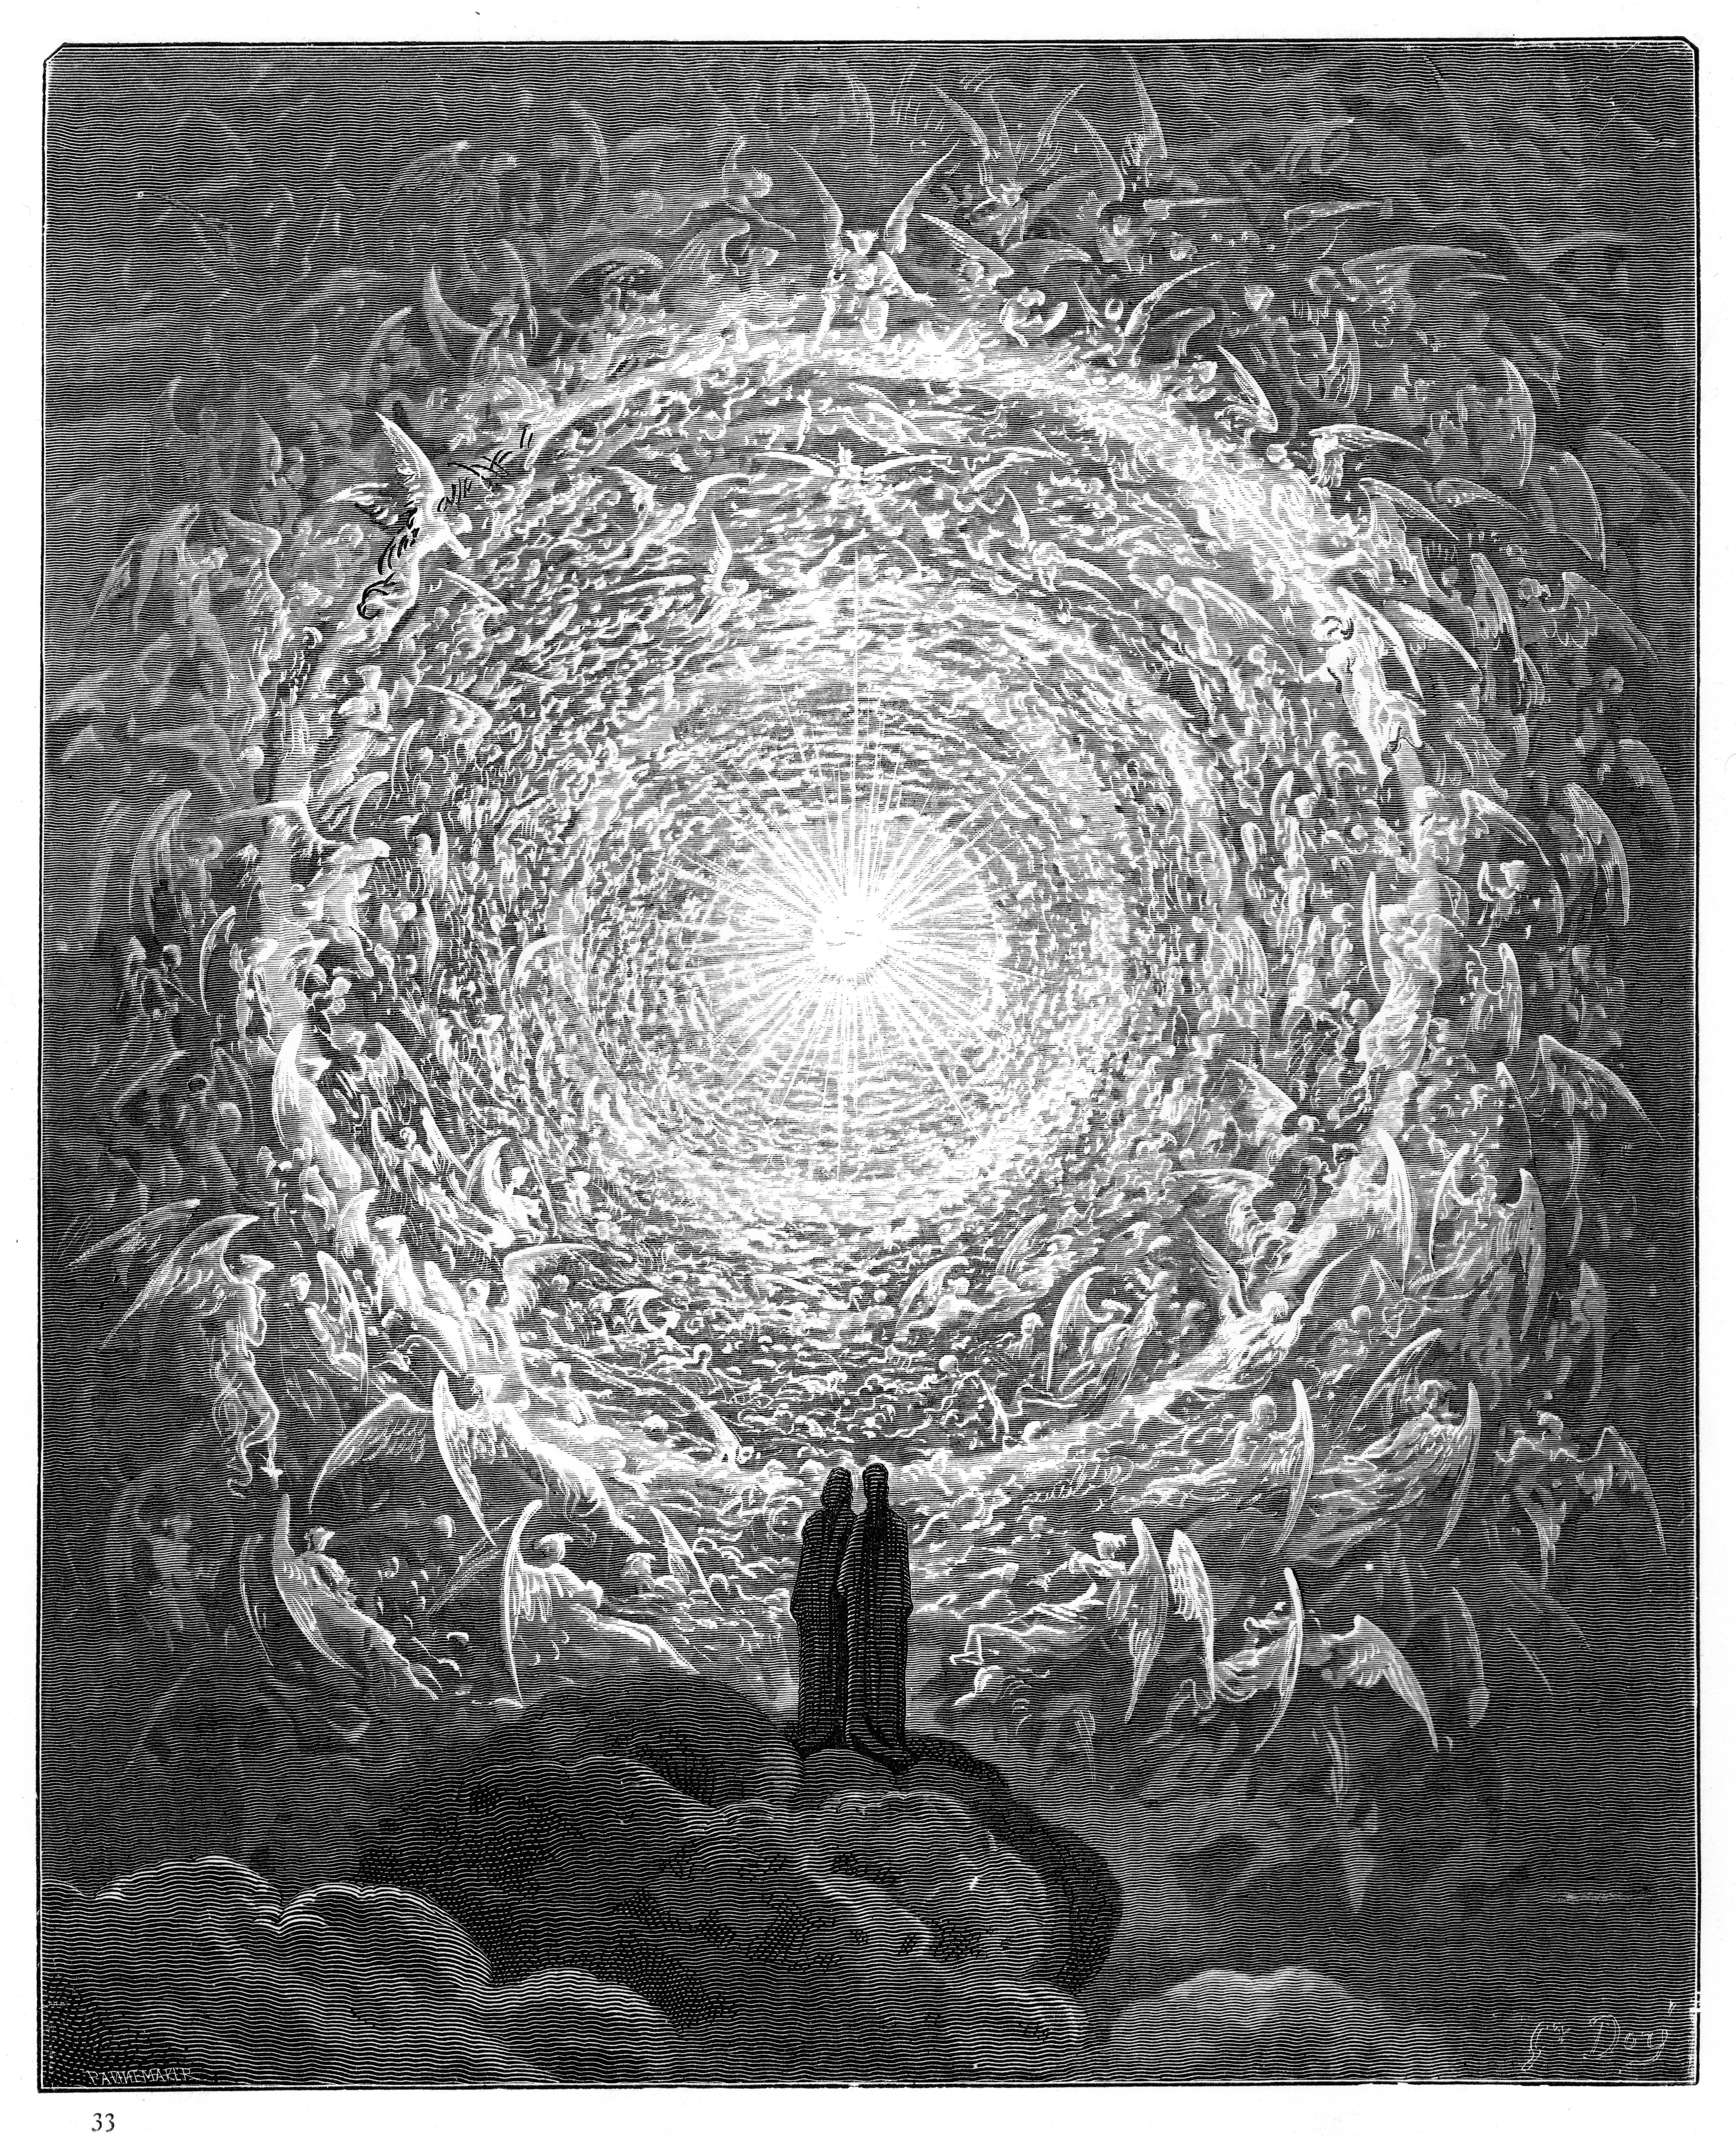 Περί άθεων και κρεατοφαγίας την Μεγάλη